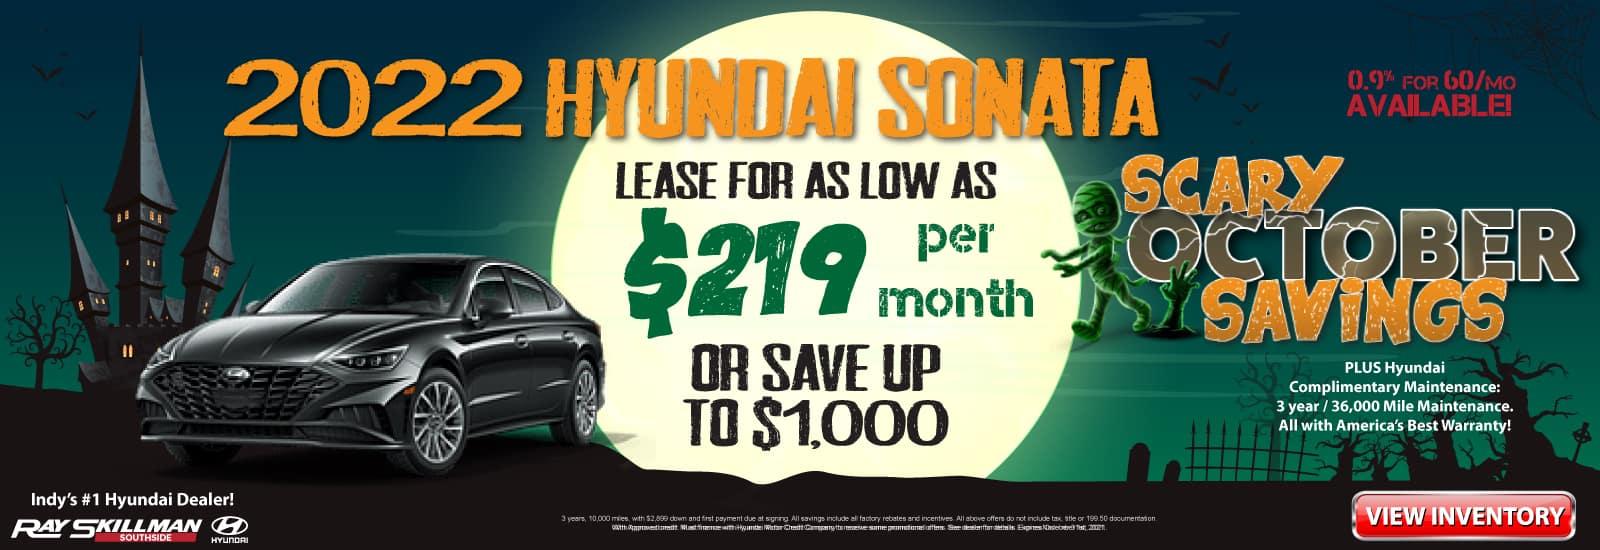 2022-Hyundai-Sonata-Web-Banner-1600×550 (002).jpgOct